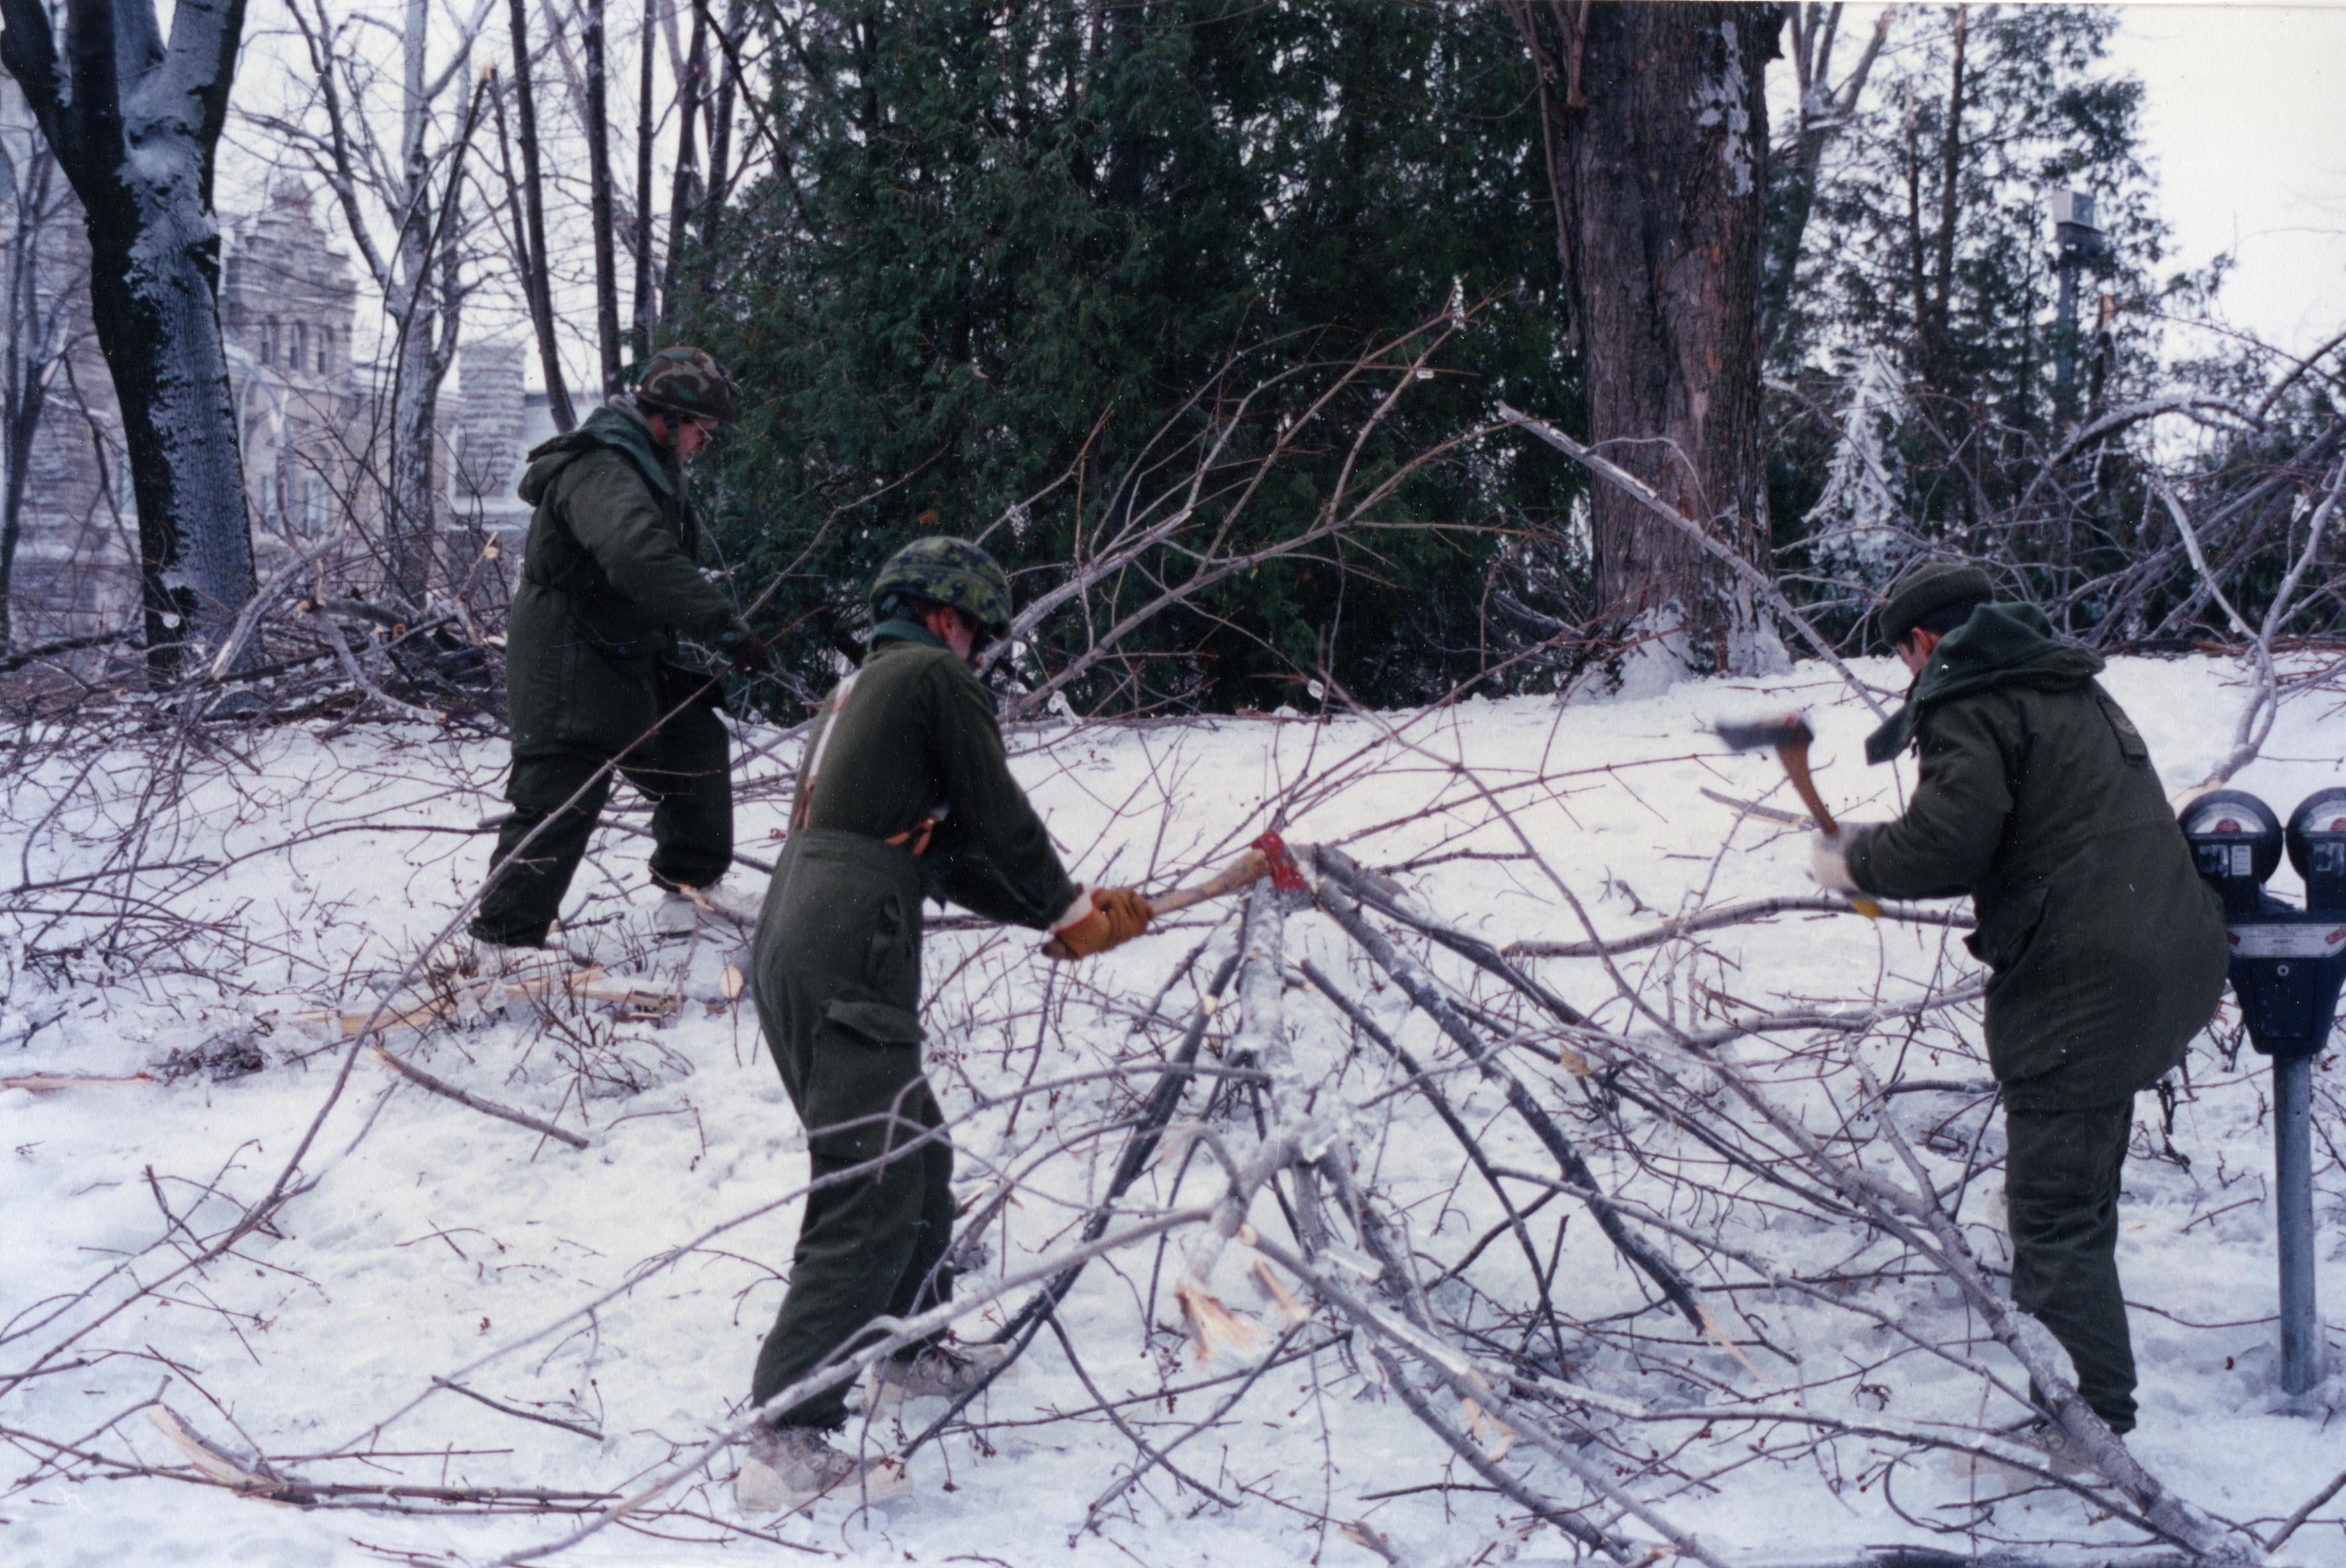 Les militaires brisent les branches à la hache pour les ramasser.